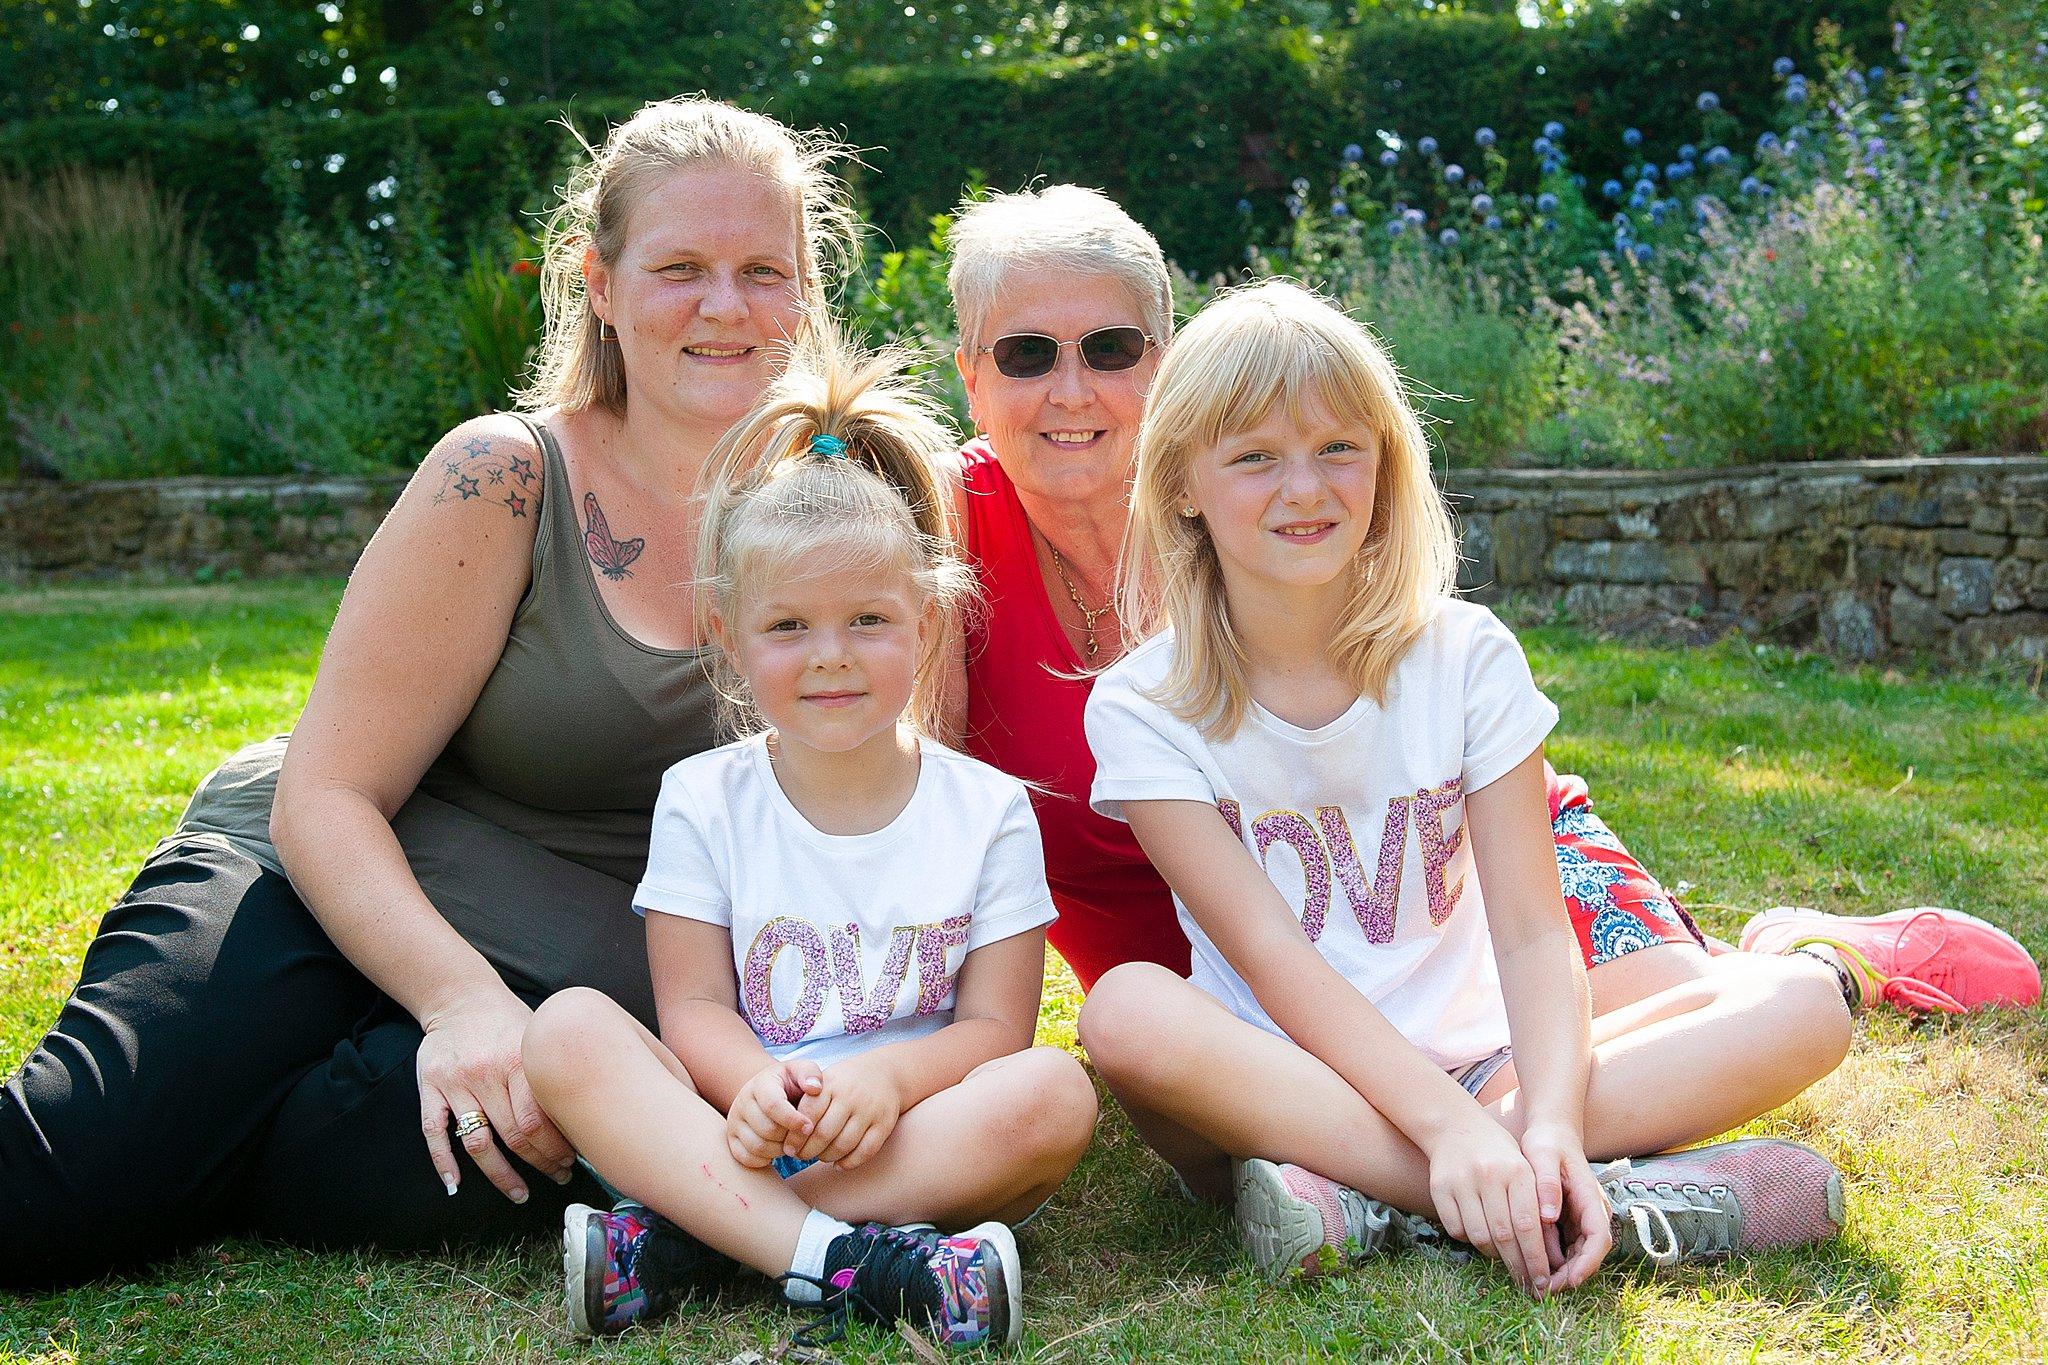 Family_portraits_Family_photographer_family_photography>out_door_photo_shhoots_family_photo_shoots_photographers_near_me Sarah_bee_photography_1314.jpg